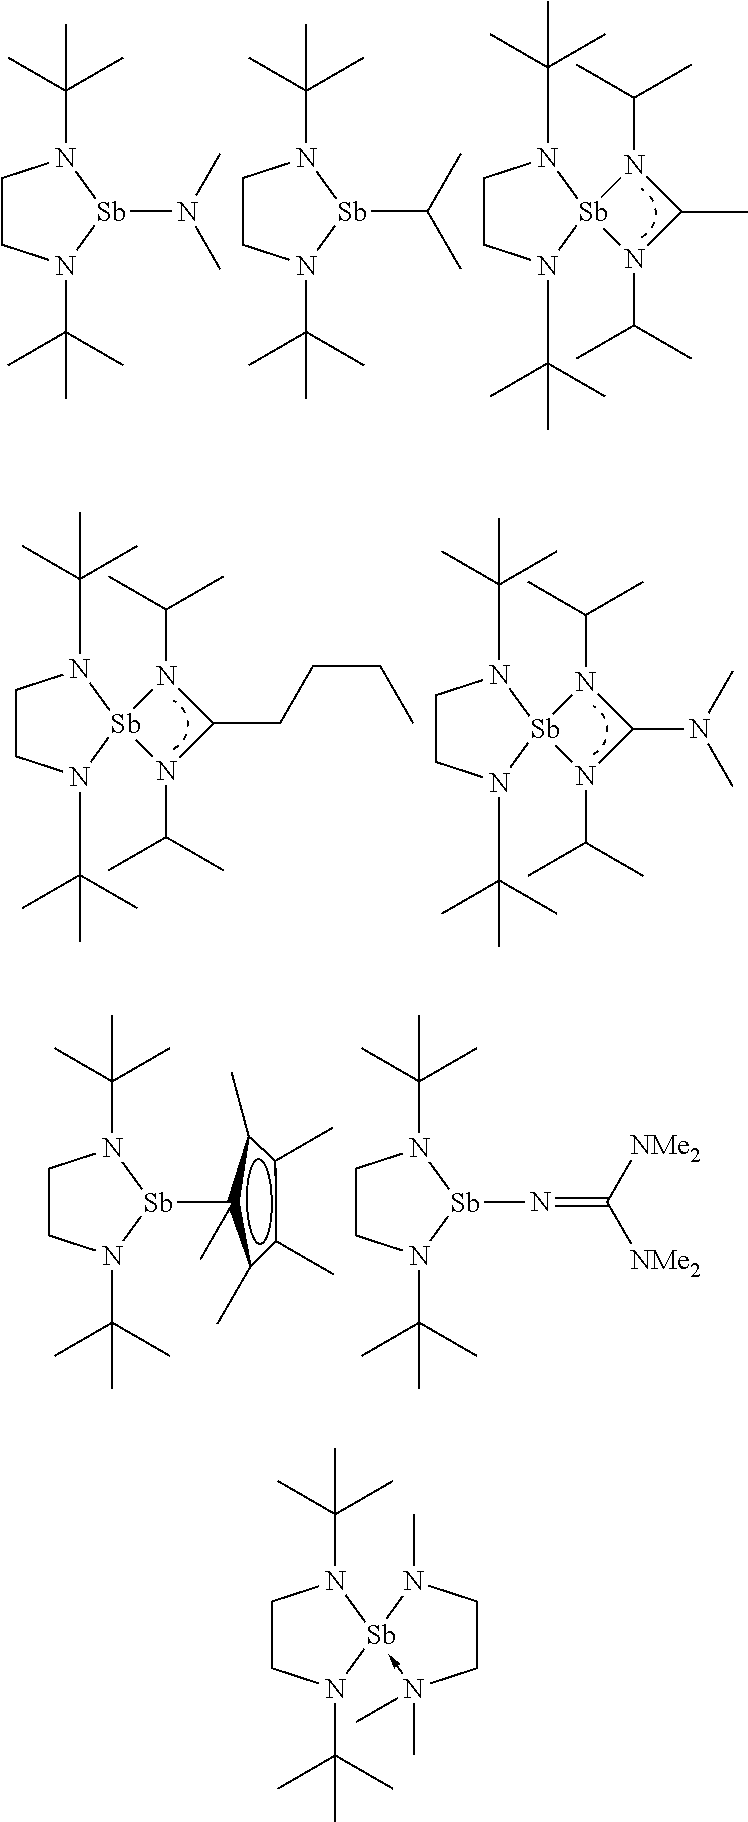 Figure US20110111556A1-20110512-C00002